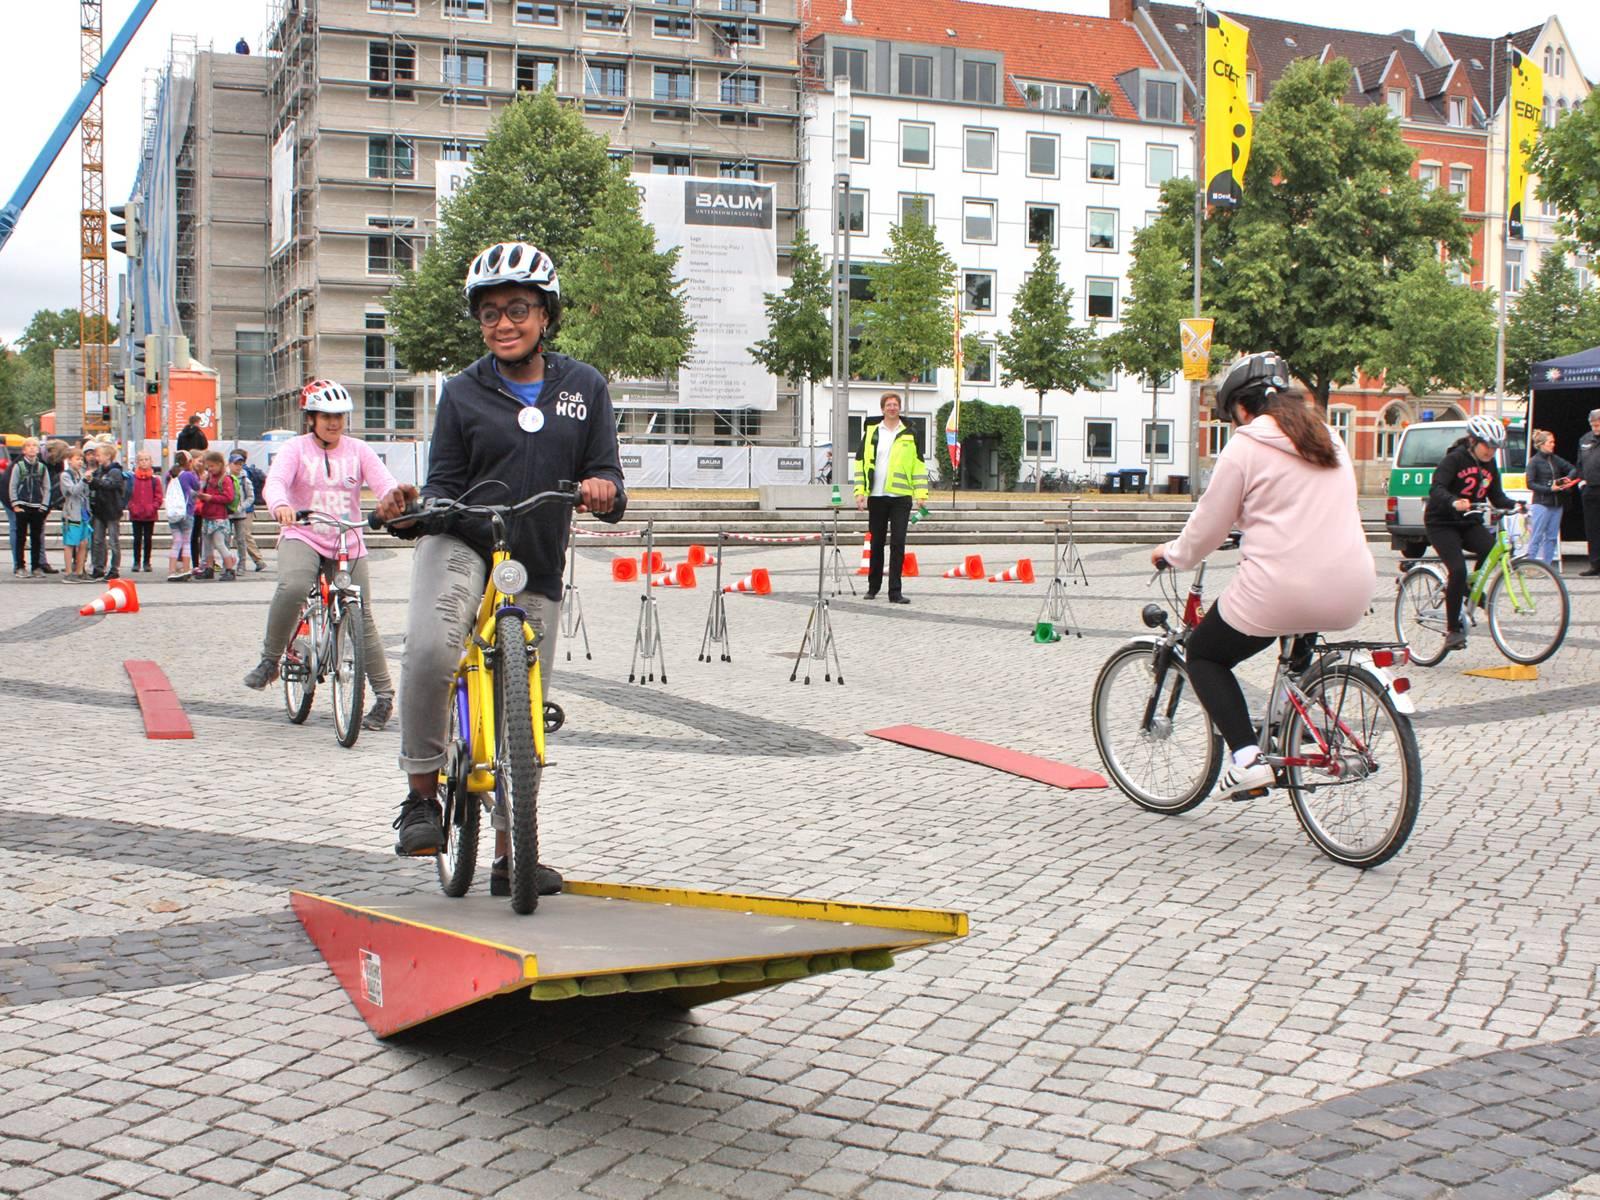 Ein Mädchen fährt mit einem Fahrrad durch einen Parcours